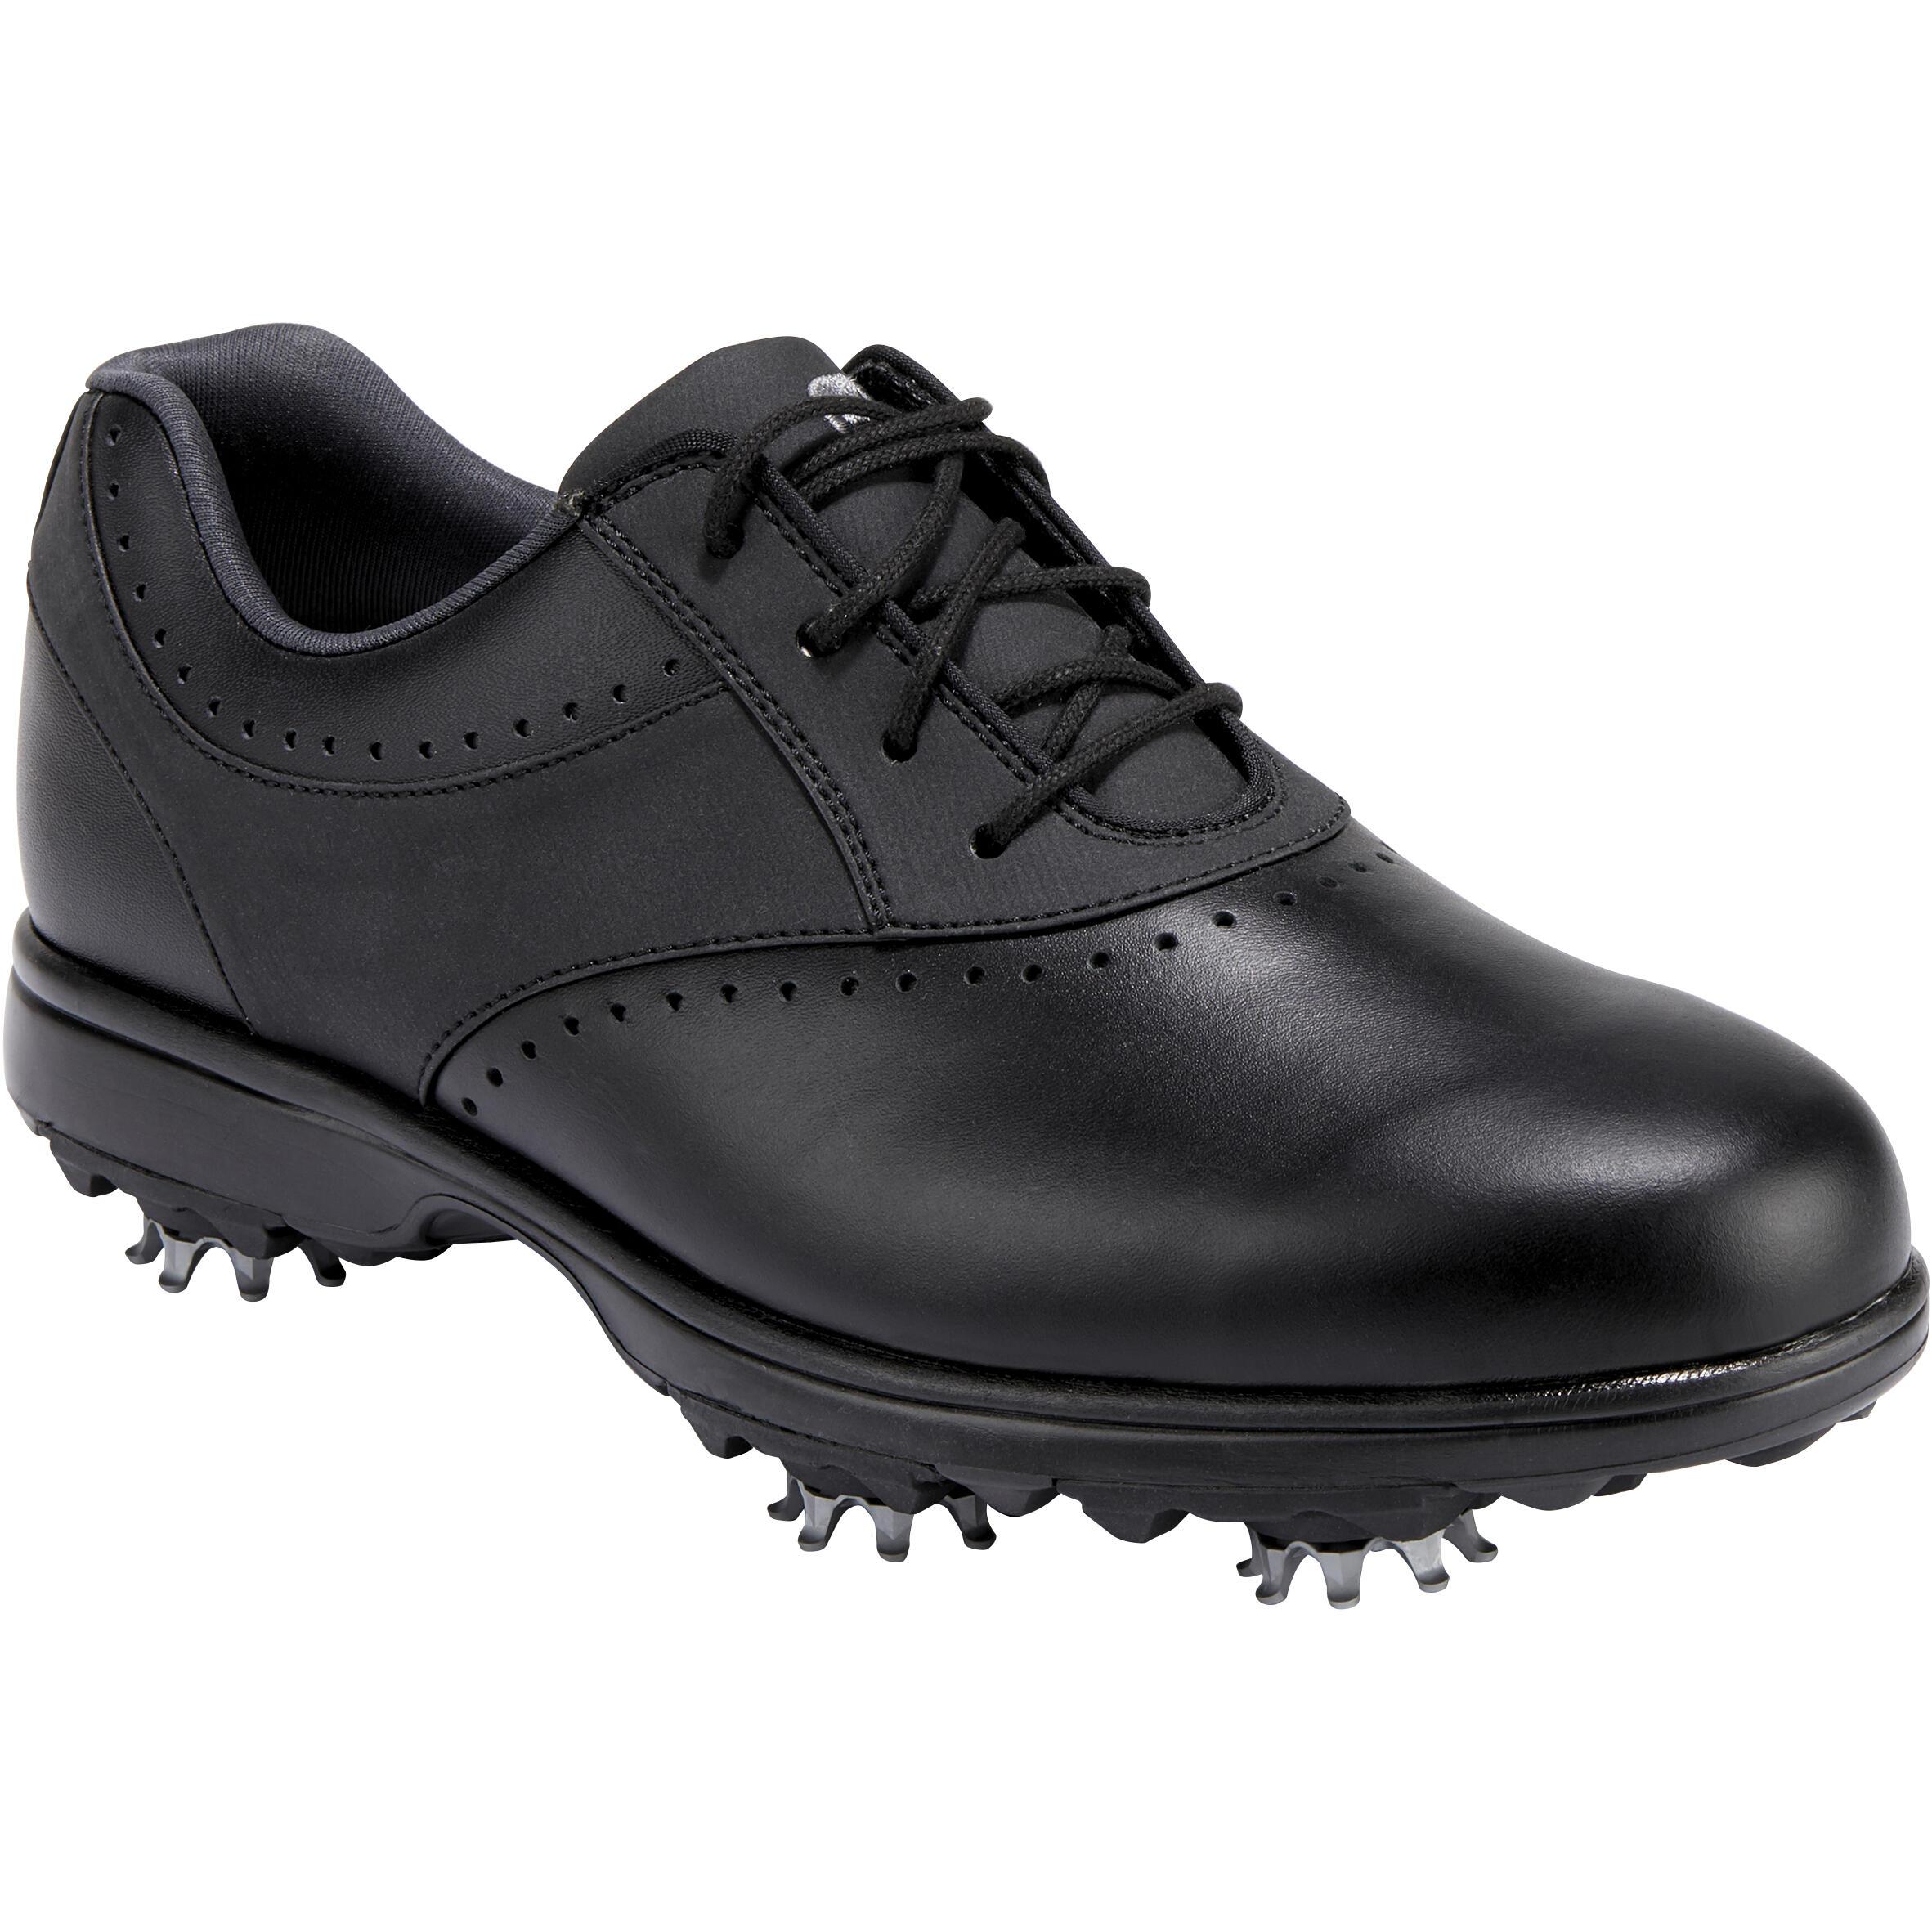 Footjoy Golfschoenen Emerge voor dames zwart